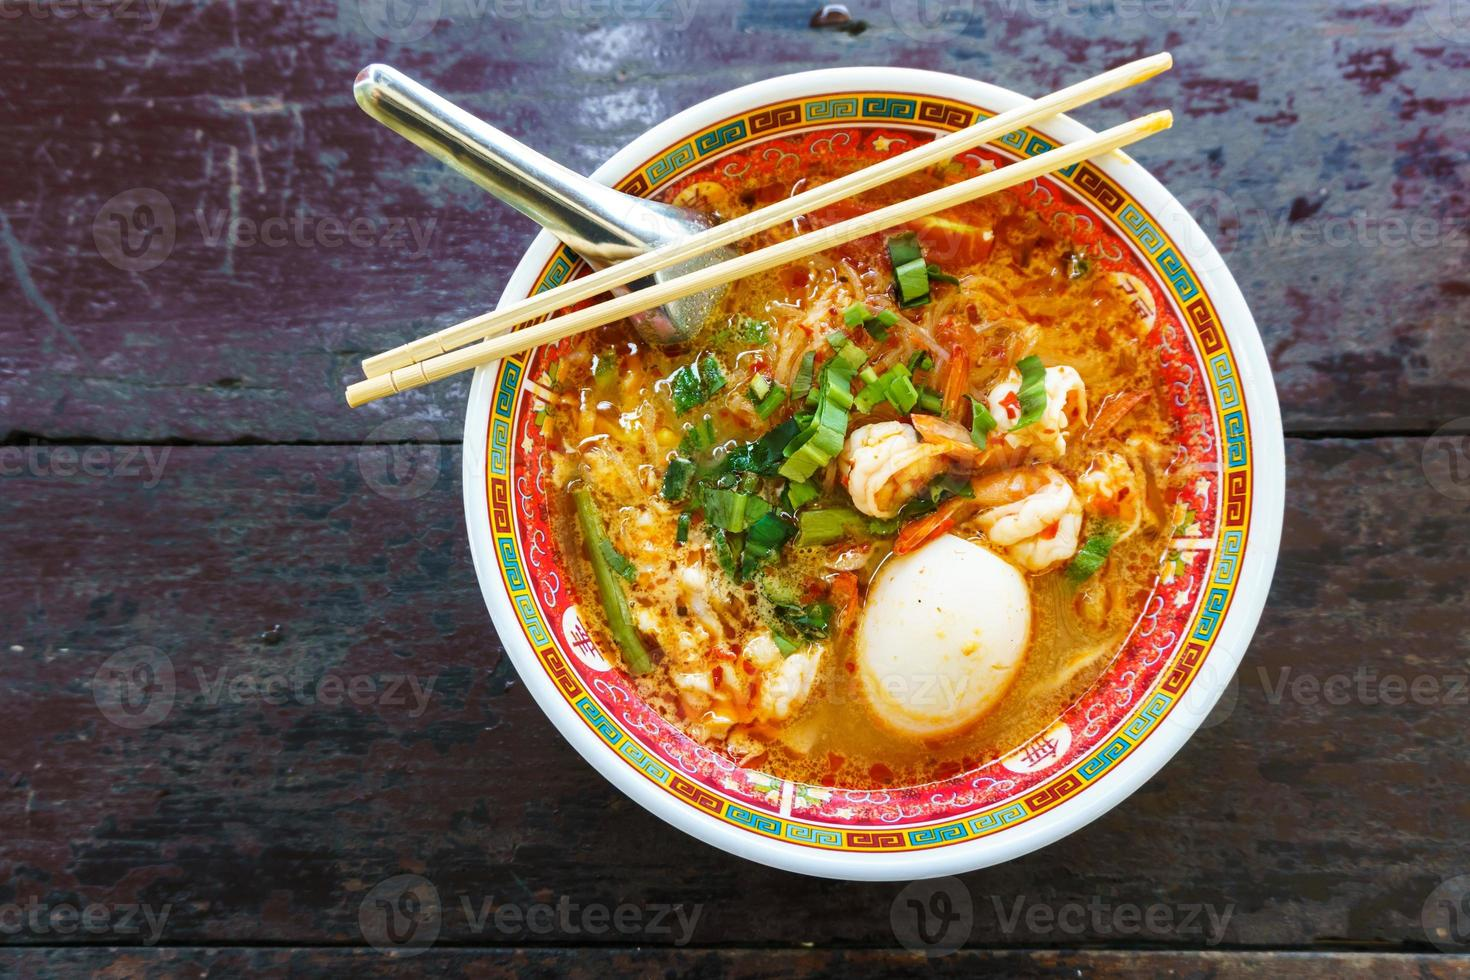 garnalennoedelsoep met ei in kom Chinese stijl foto